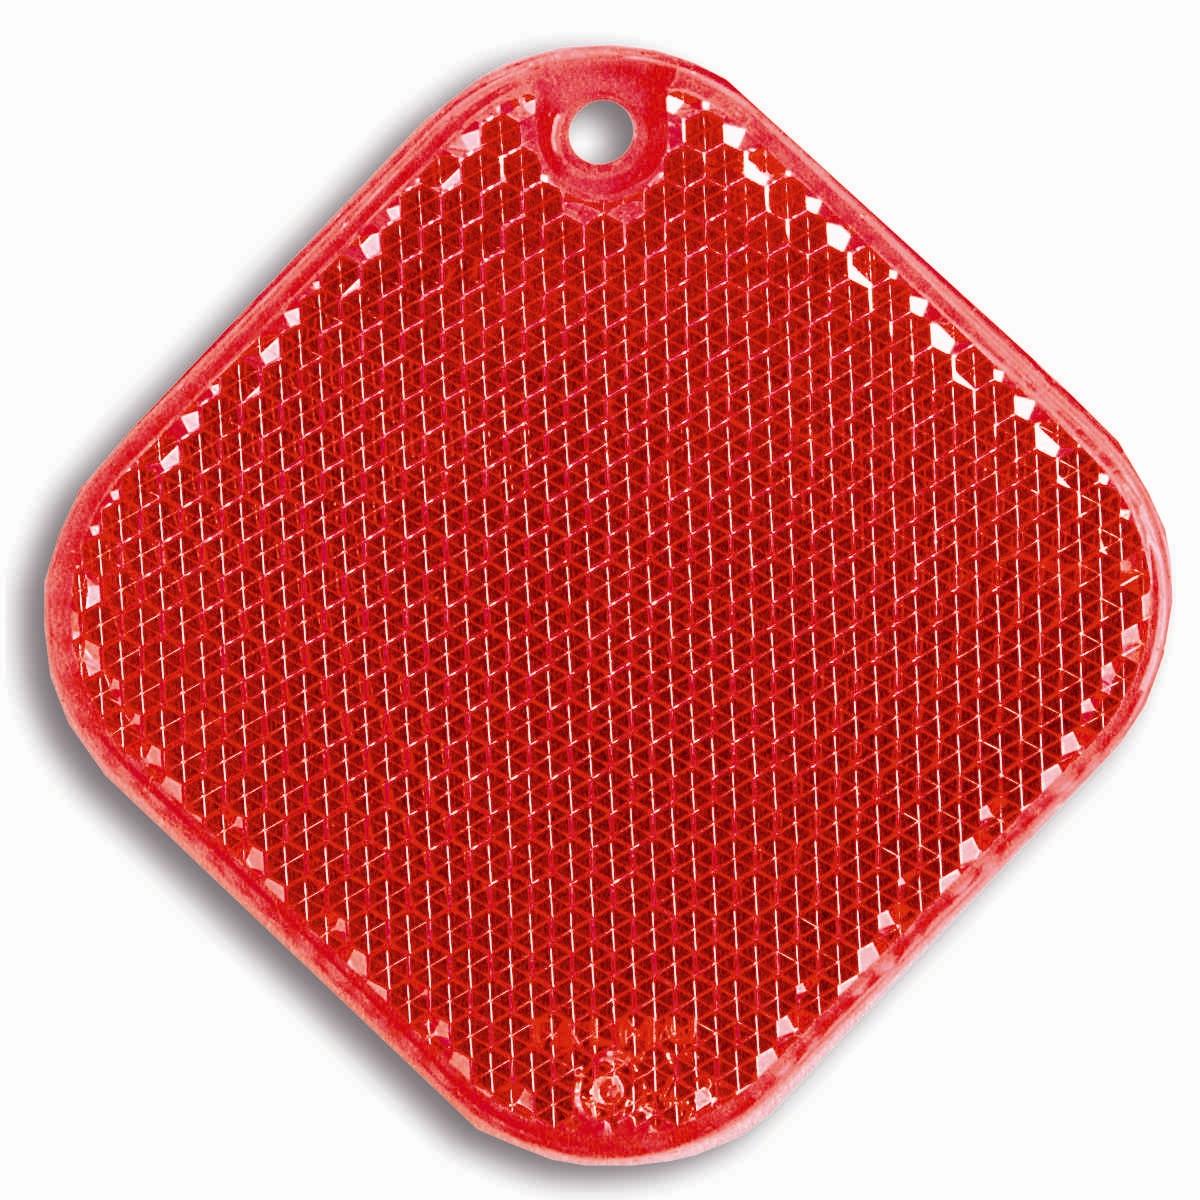 Светоотражатель пешеходный Coreflect Ромб, цвет: красный118705Пешеходный светоотражатель — это серьезное средство безопасности на дороге. Использование светоотражателей позволяет в десятки раз сократить количество ДТП с участием пешеходов в темное время суток. Светоотражатель крепится на одежду и обладает способностью к направленному отражению светового потока. Благодаря такому отражению, водитель может вовремя заметить пешехода в темноте, даже если он стоит или двигается по обочине. А значит, он успеет среагировать и избежит возможного столкновения. С 1 июля 2015 года ношение светоотражателей вне населенных пунктов является обязательным для пешеходов! Мы рекомендуем носить их и в городе! Для безопасности и сохранения жизни!